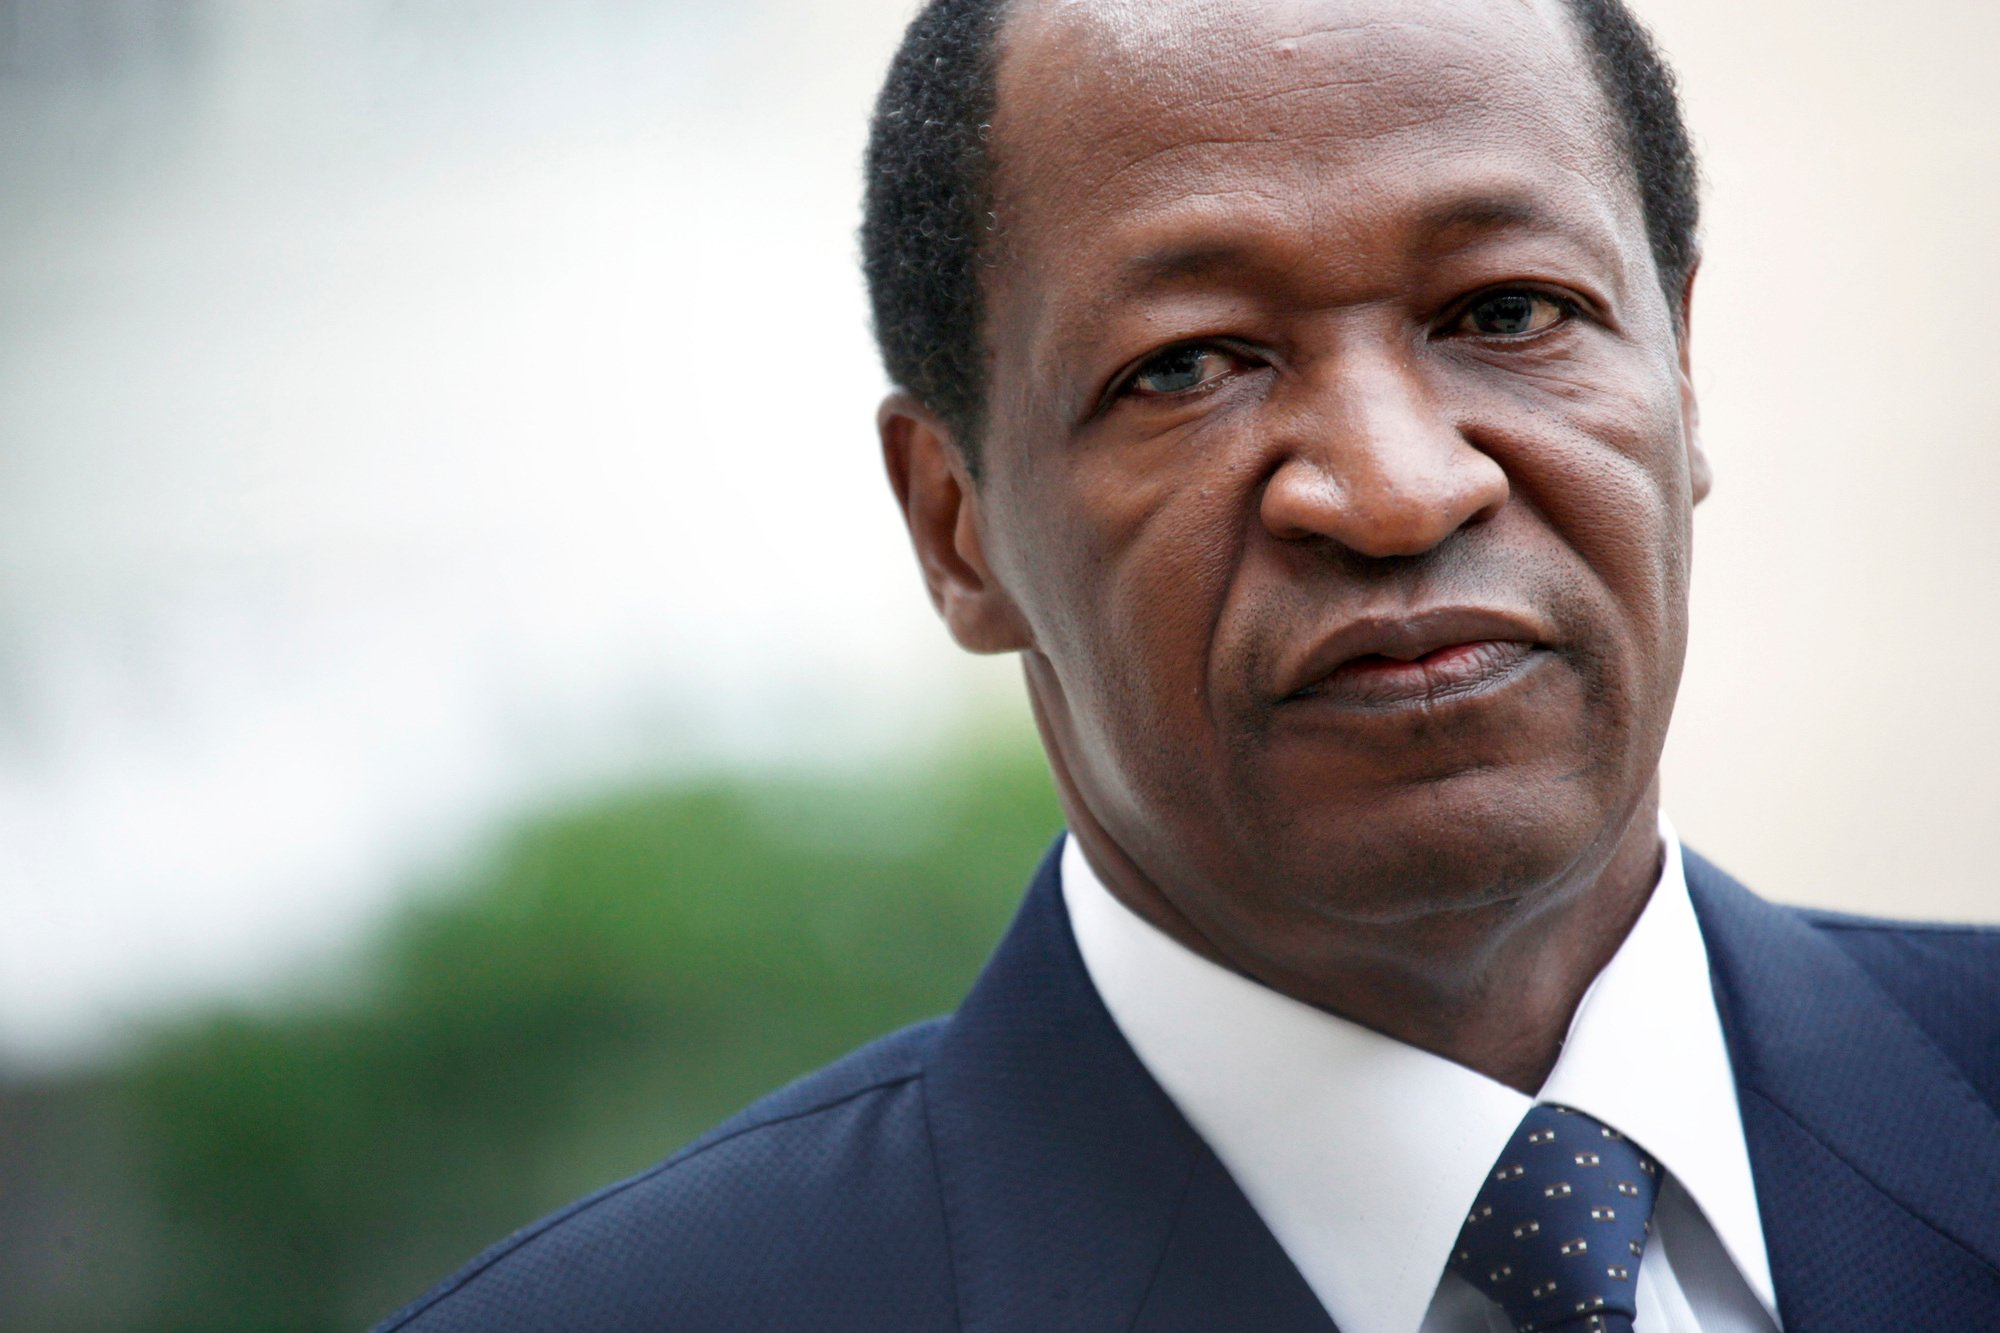 L'ancien président Blaise Compaoré vit en exil à Abidjan depuis 2014.